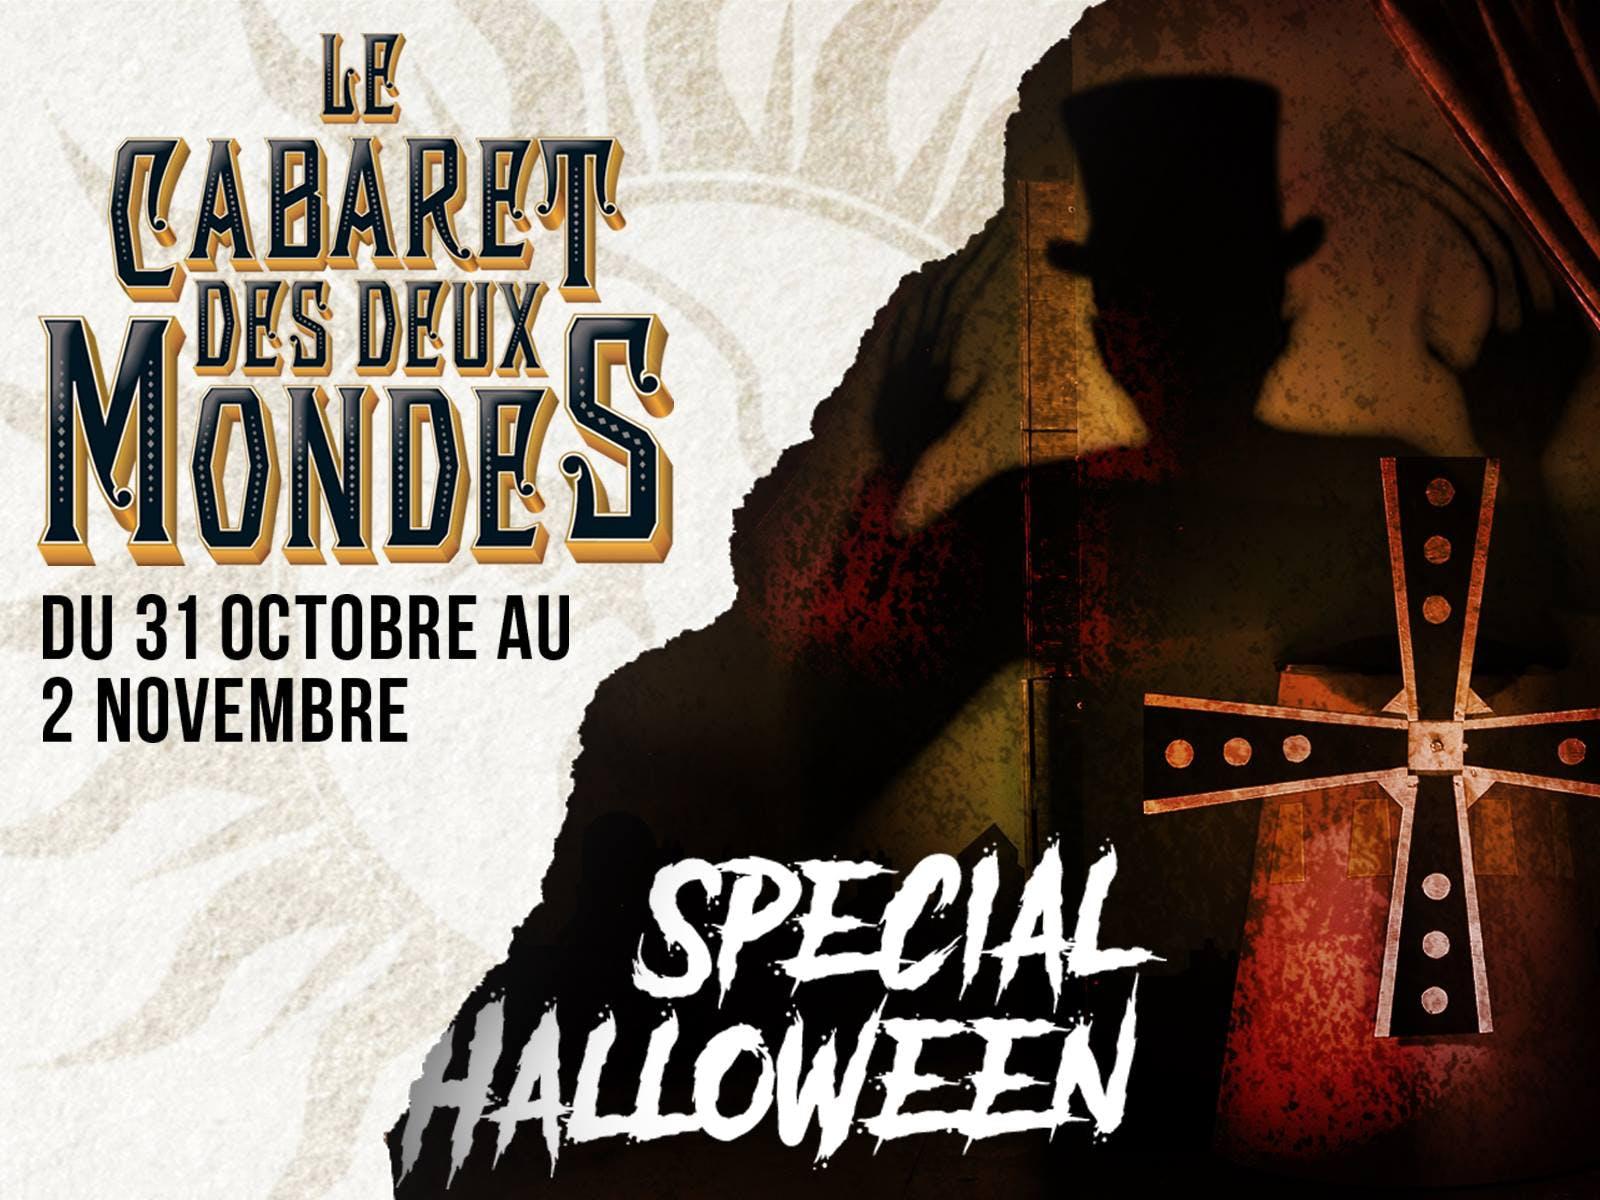 Cabaret des deux mondes spécial Halloween